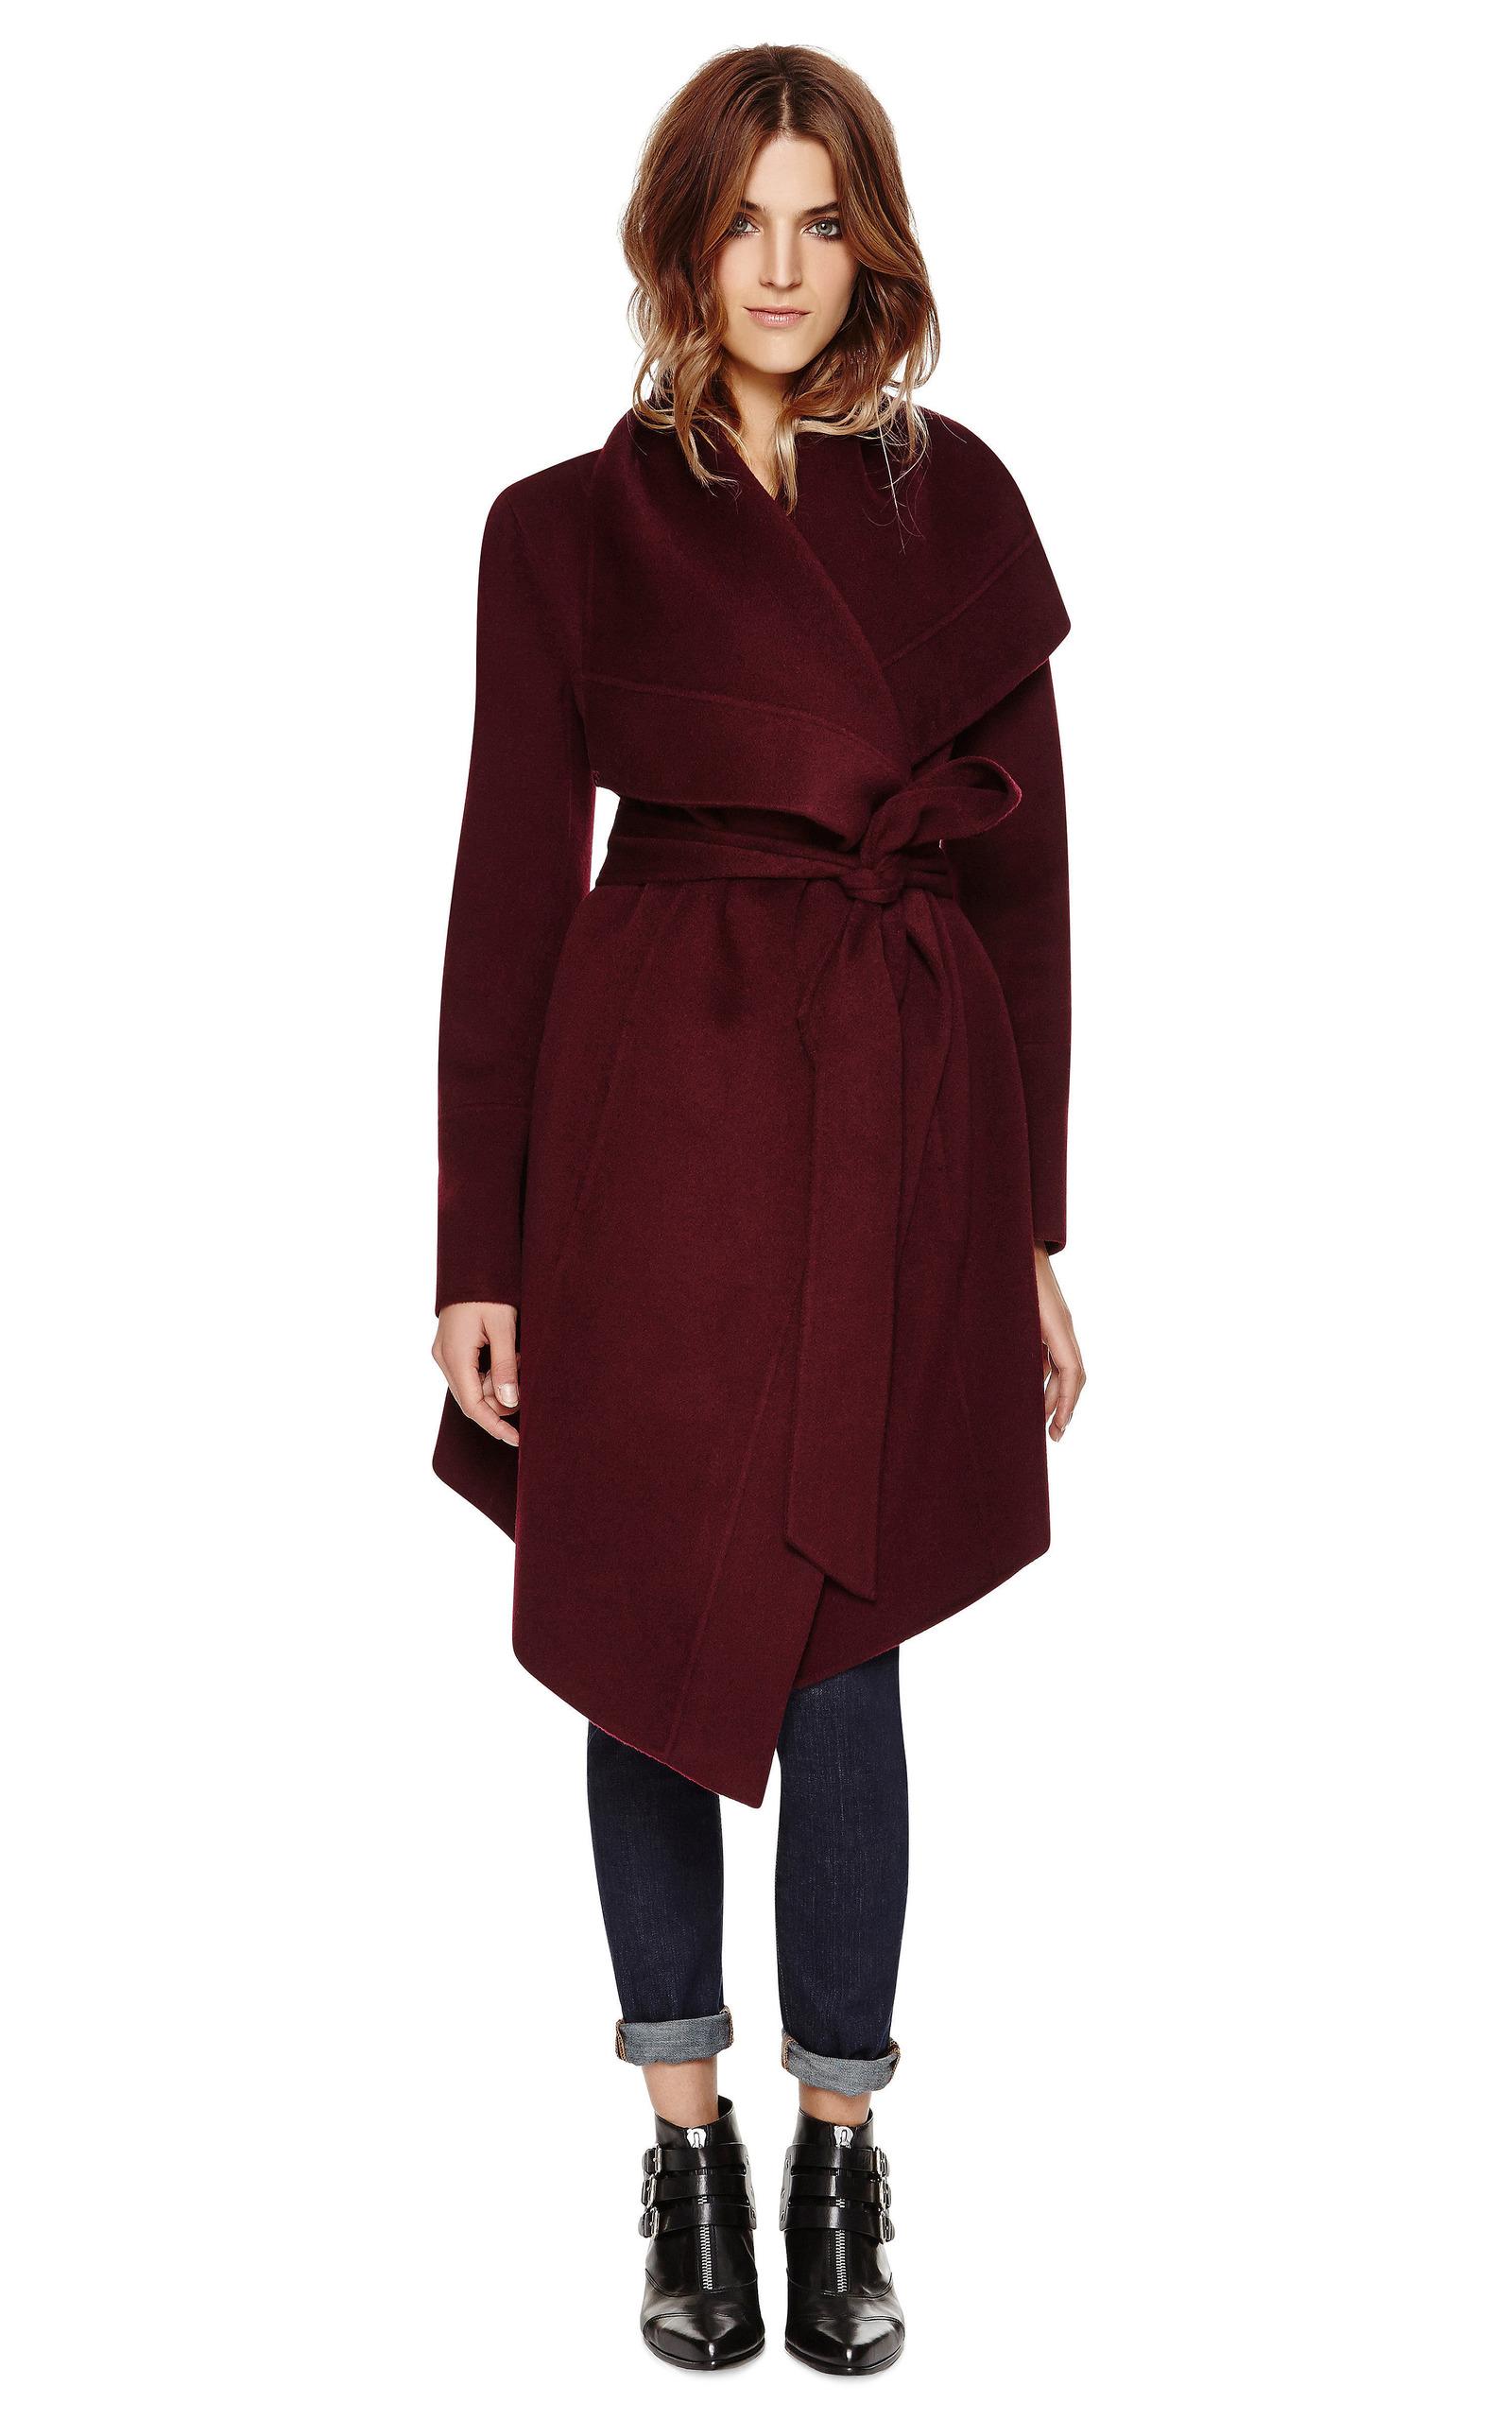 belted draped lapel cashmere coat by donna karan moda. Black Bedroom Furniture Sets. Home Design Ideas